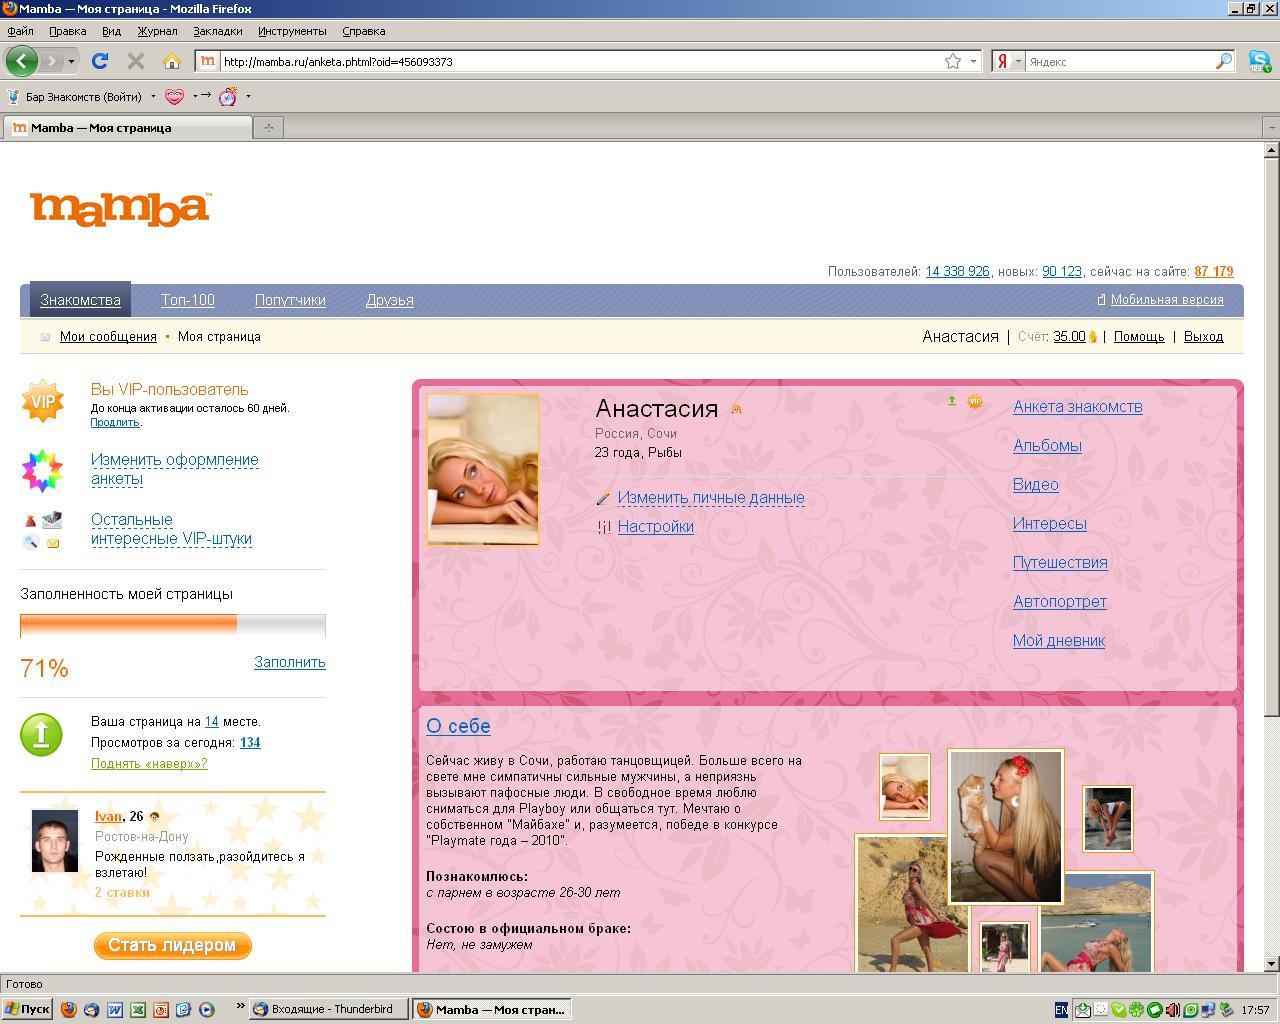 Мой страница мамба профайл моя